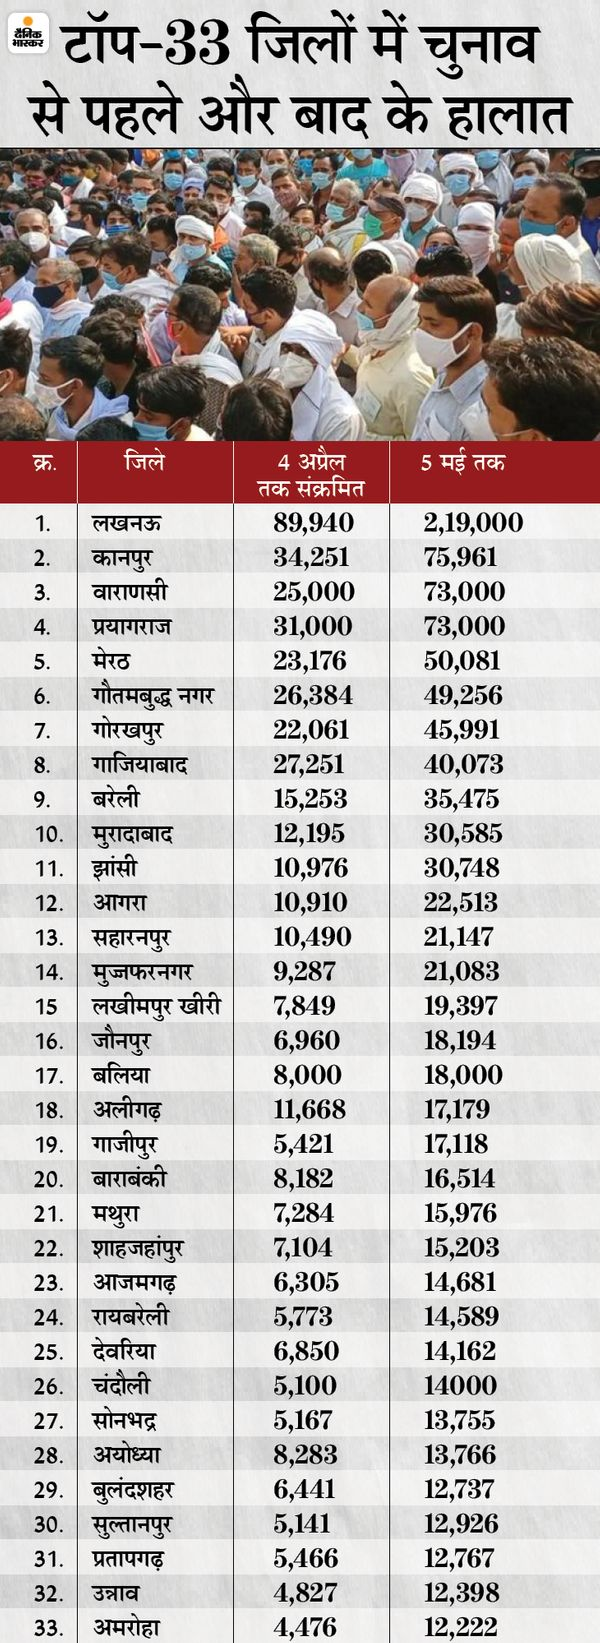 Within a month, the infection increased by 120% in the Uttar pradesh, 6.30 lakhs were infected till April 4, this figure increased to 14 lakhs in the elections.   एक महीने के अंदर प्रदेश में 120% तेजी से बढ़ा संक्रमण, 4 अप्रैल तक 6.30 लाख कुल संक्रमित थे, चुनाव बाद ये आंकड़ा बढ़कर 14 लाख हो गया - WPage - क्यूंकि हिंदी हमारी पहचान हैं